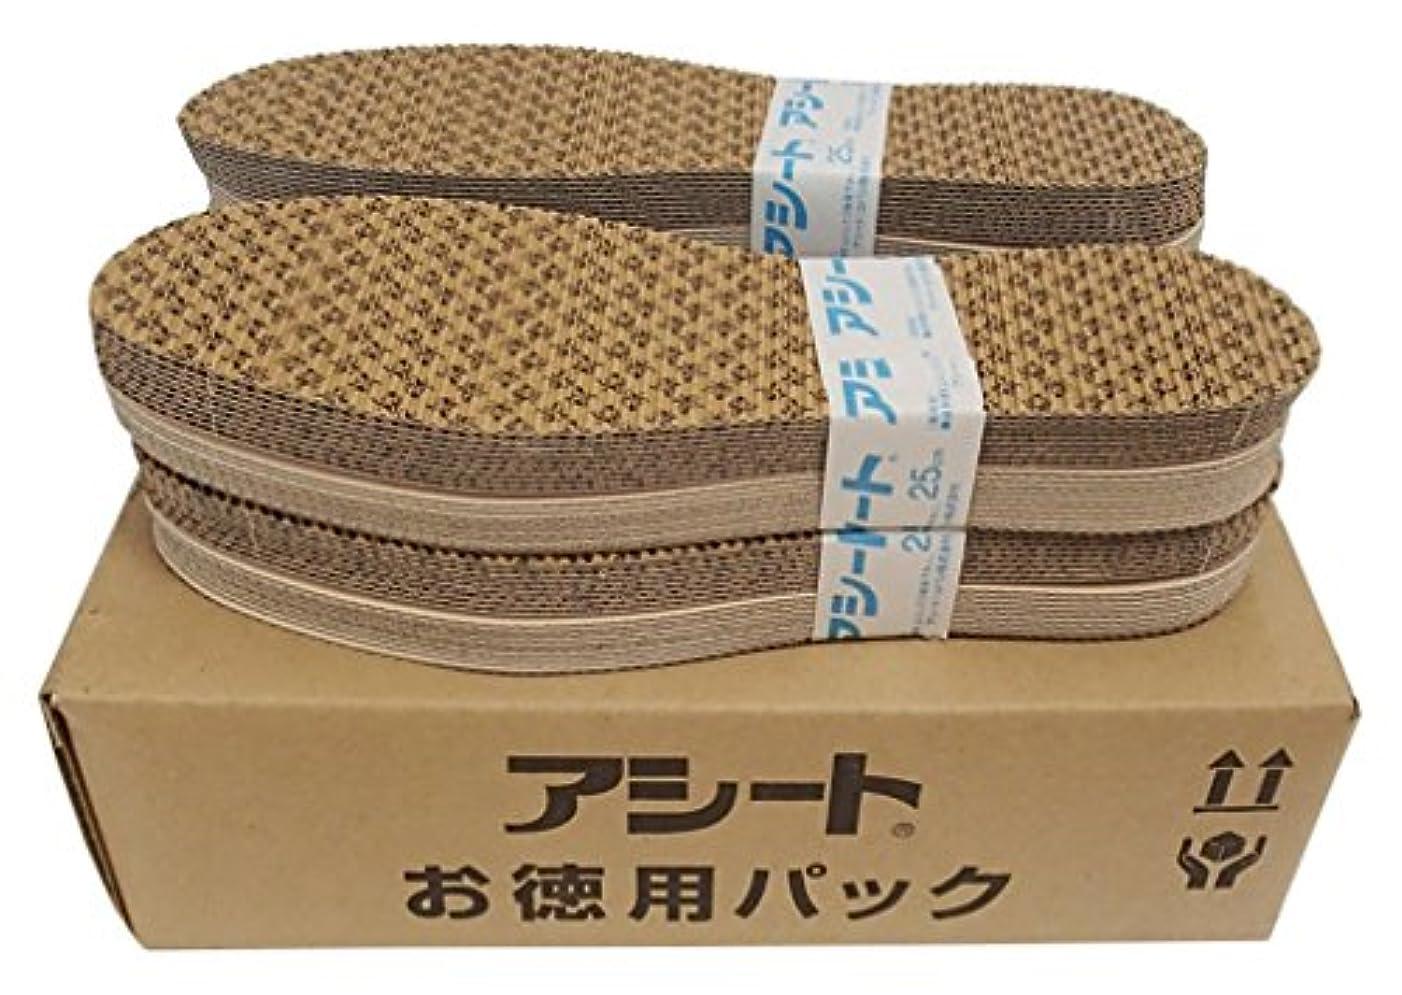 大破アッパーステートメントお徳用タイプのアシートOタイプ40足入 (27.5~28cm 男性靴用)